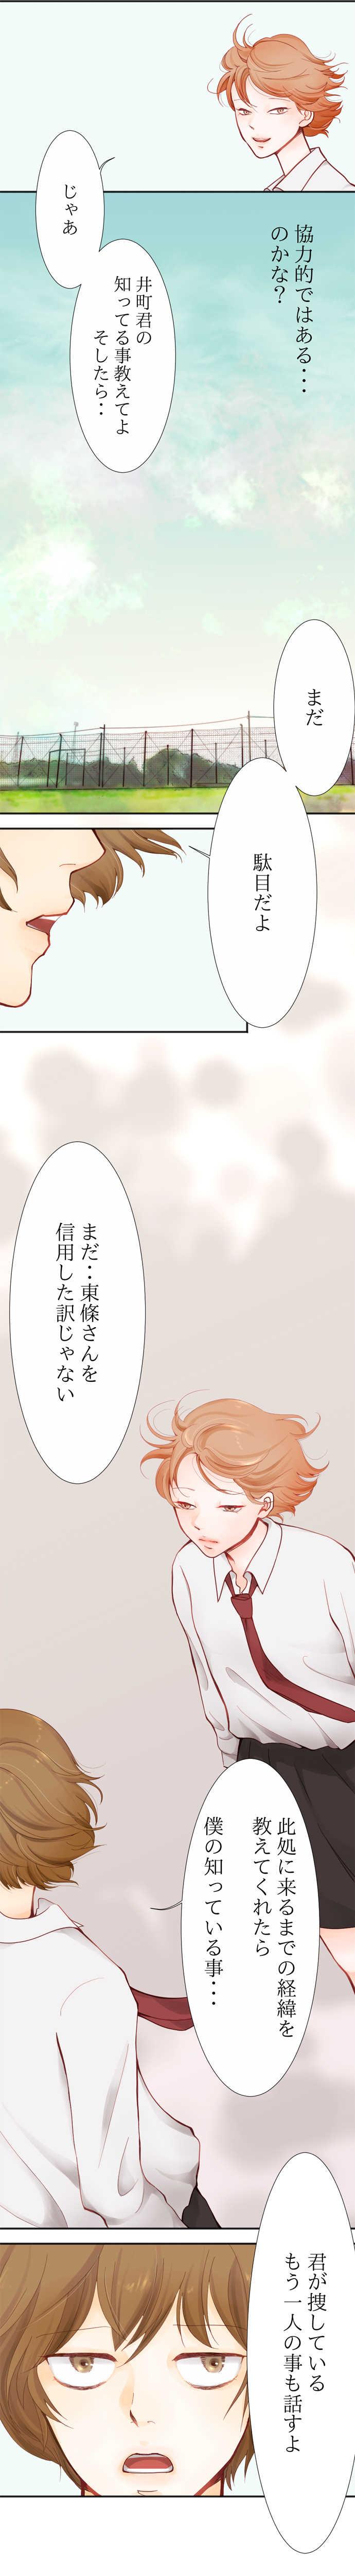 08. イマチケイ